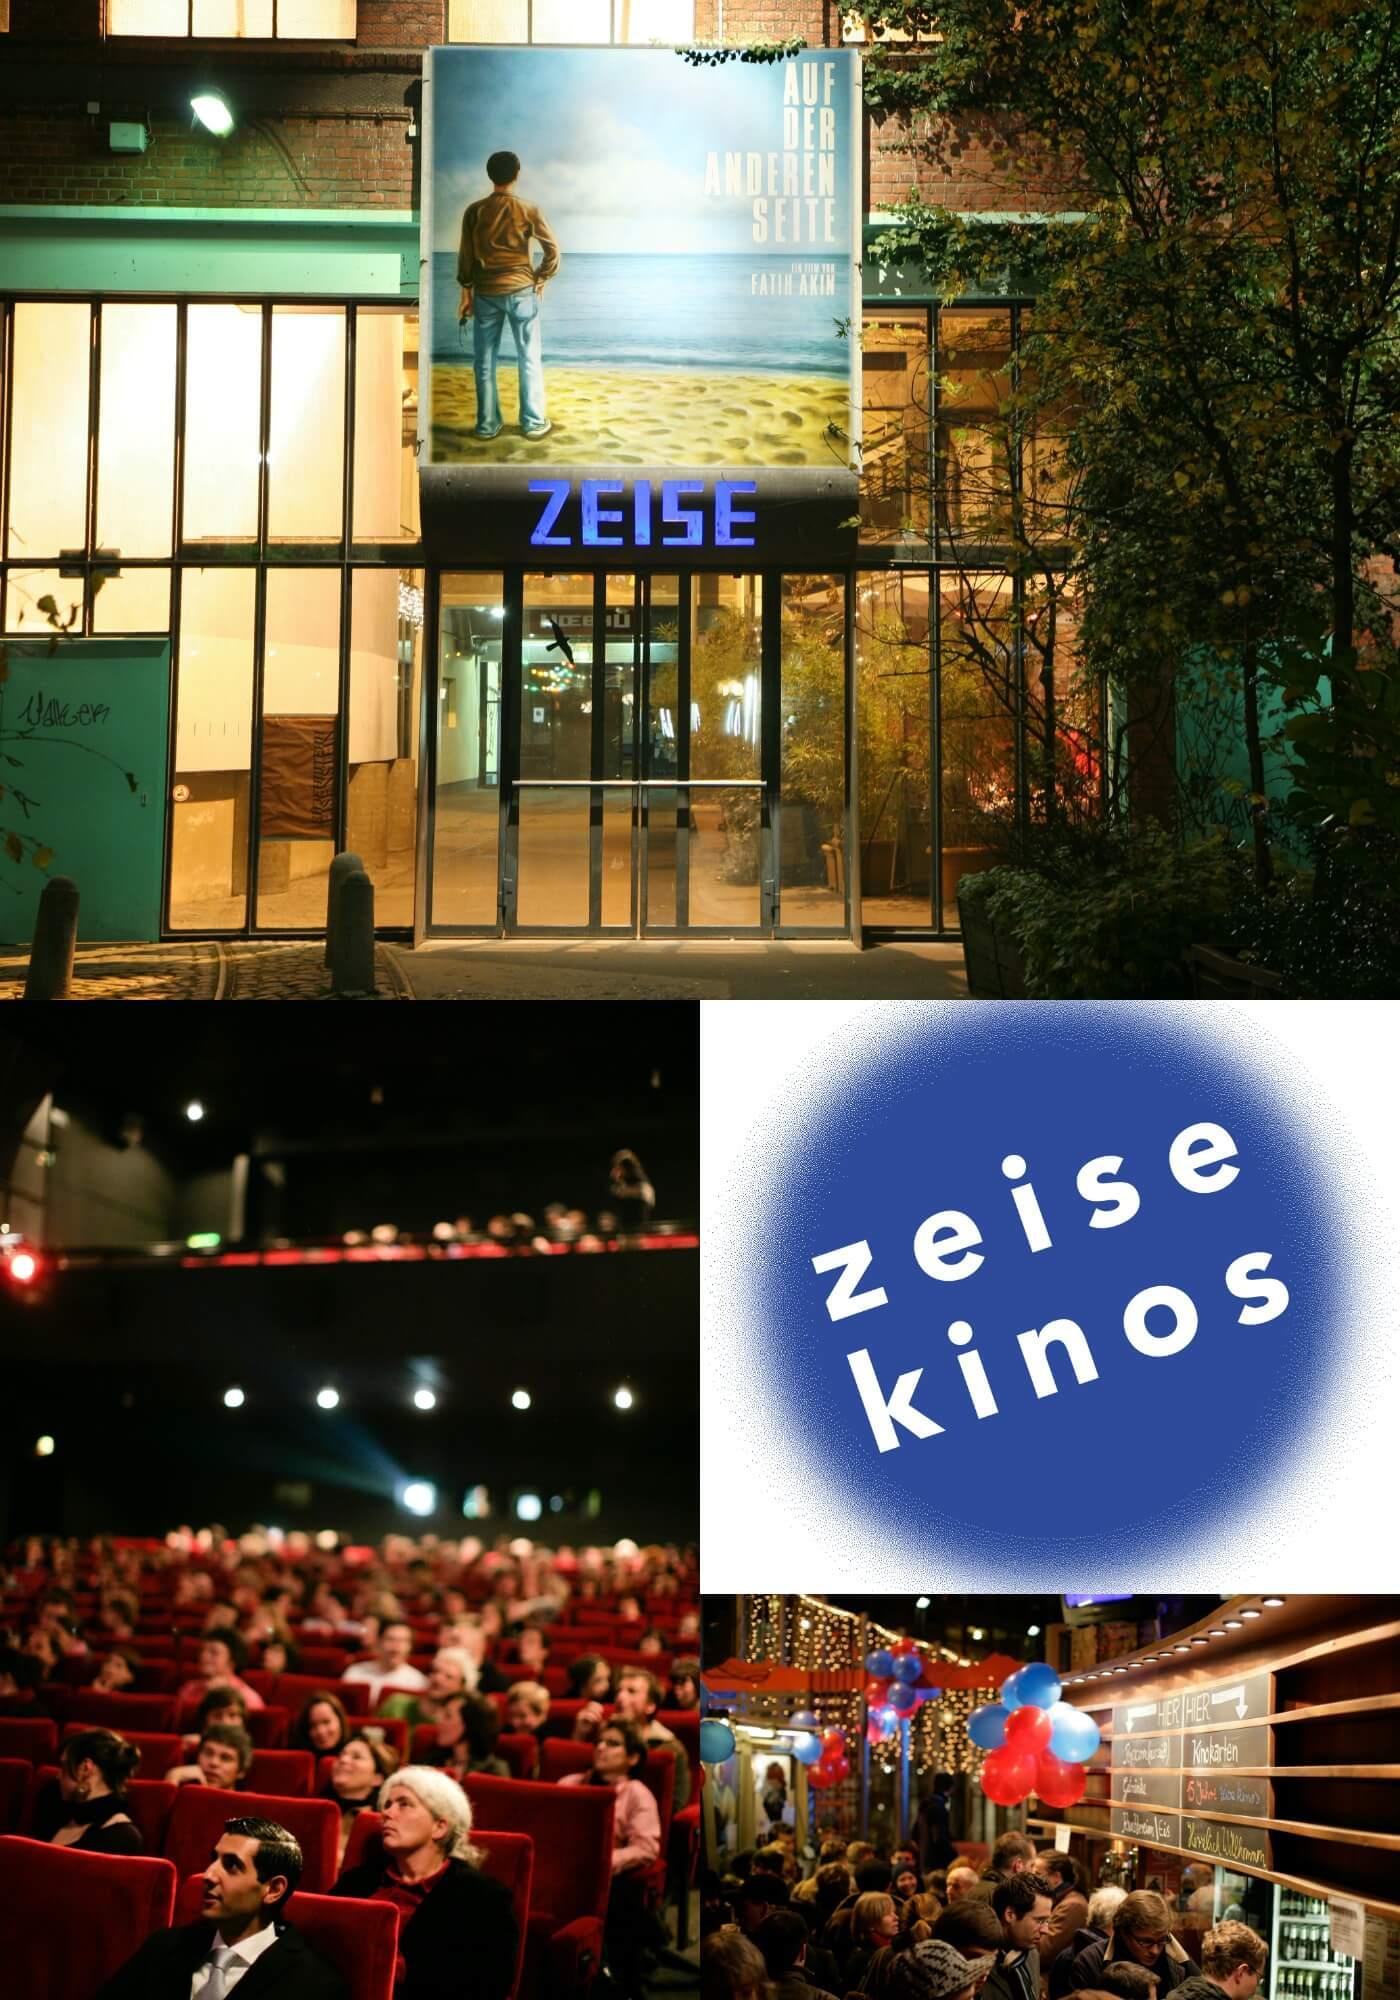 Zeise Kino